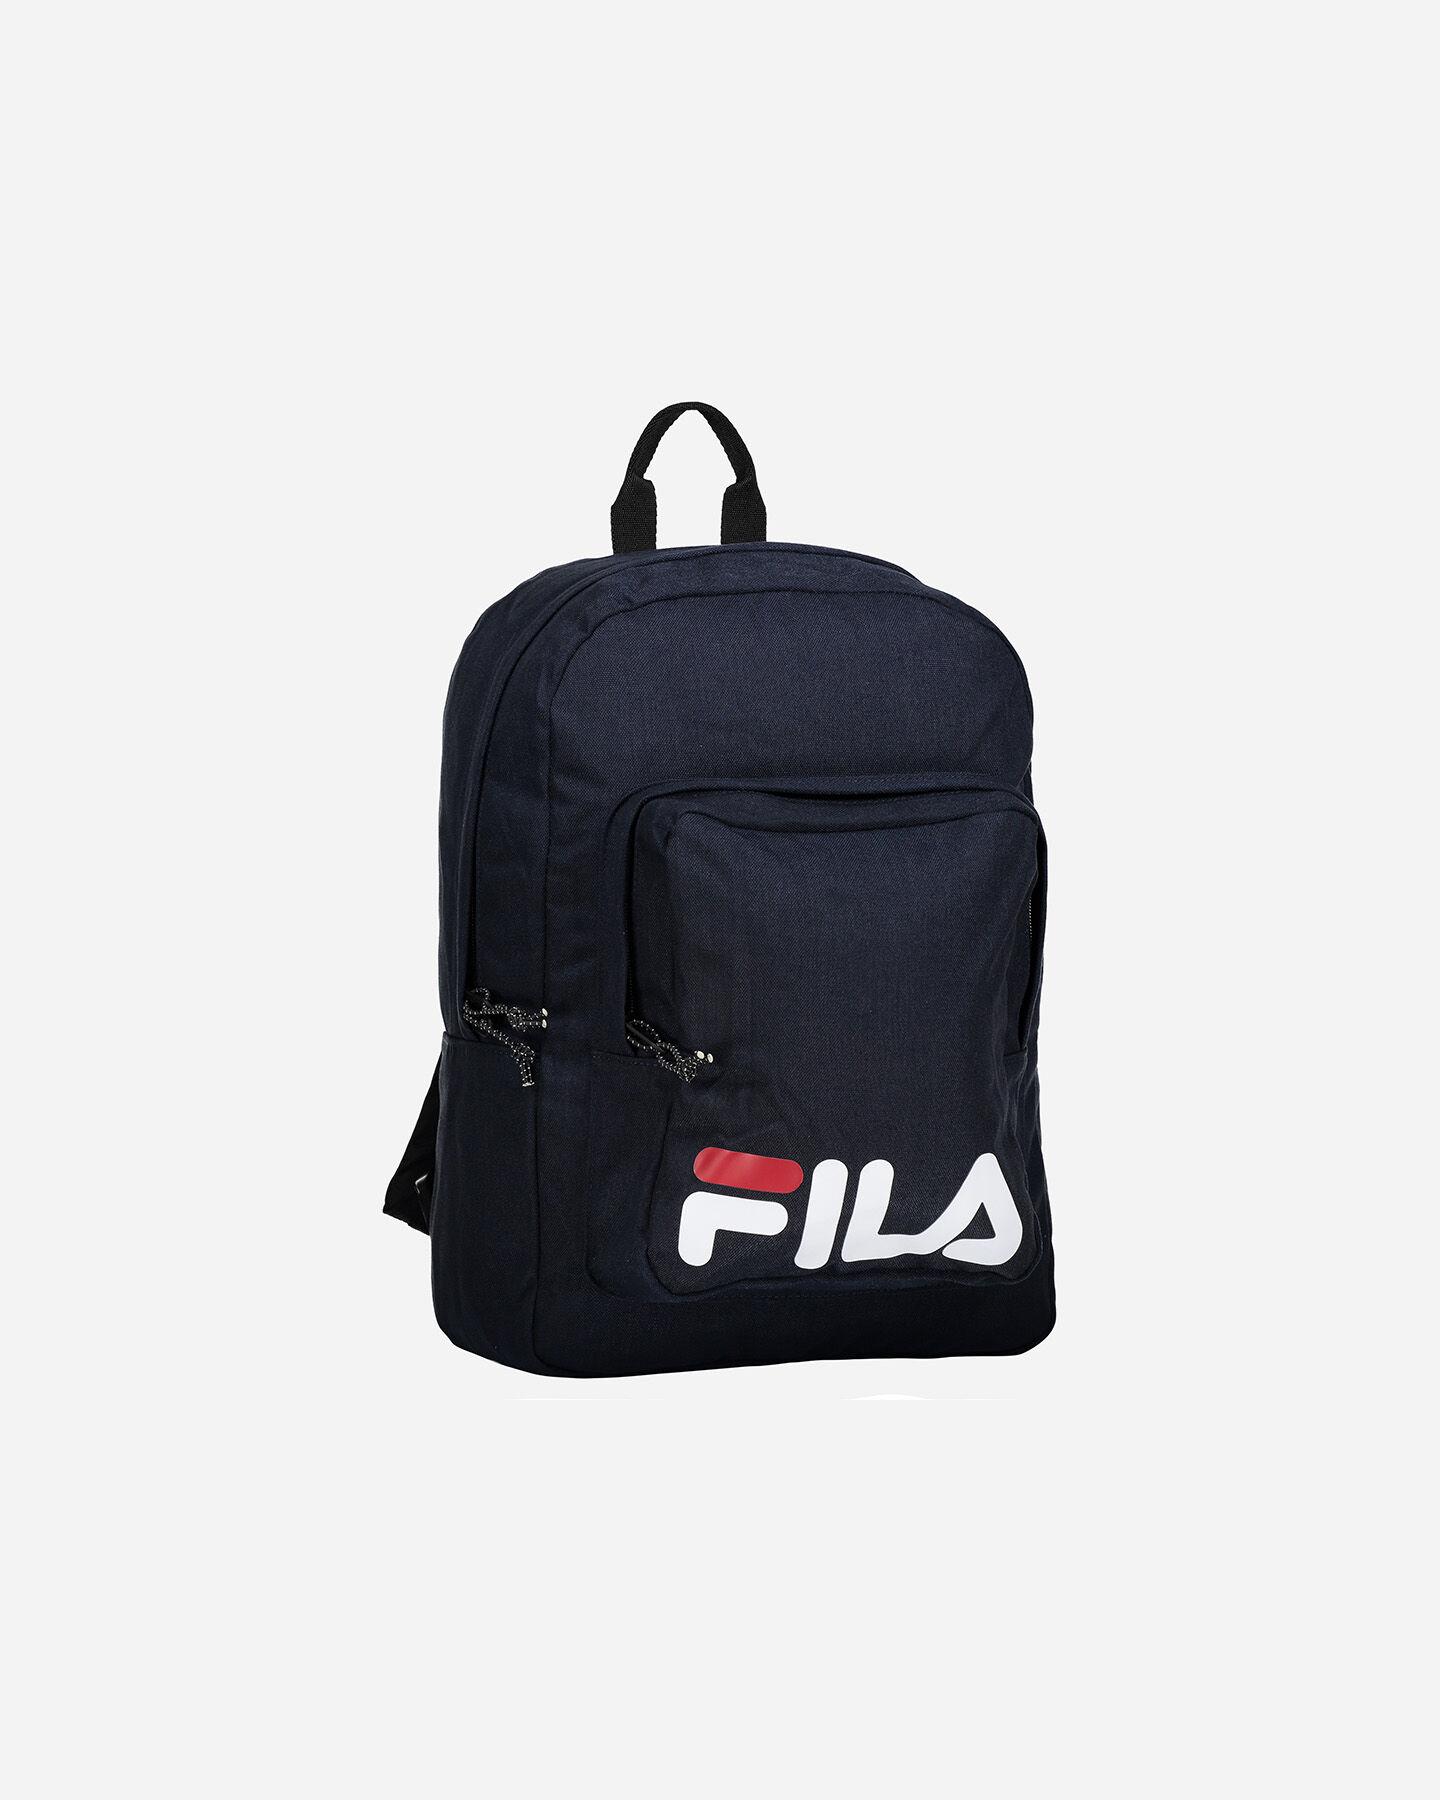 Zaino FILA CLASSIC BIG LOGO S4066882 935 UNI scatto 0